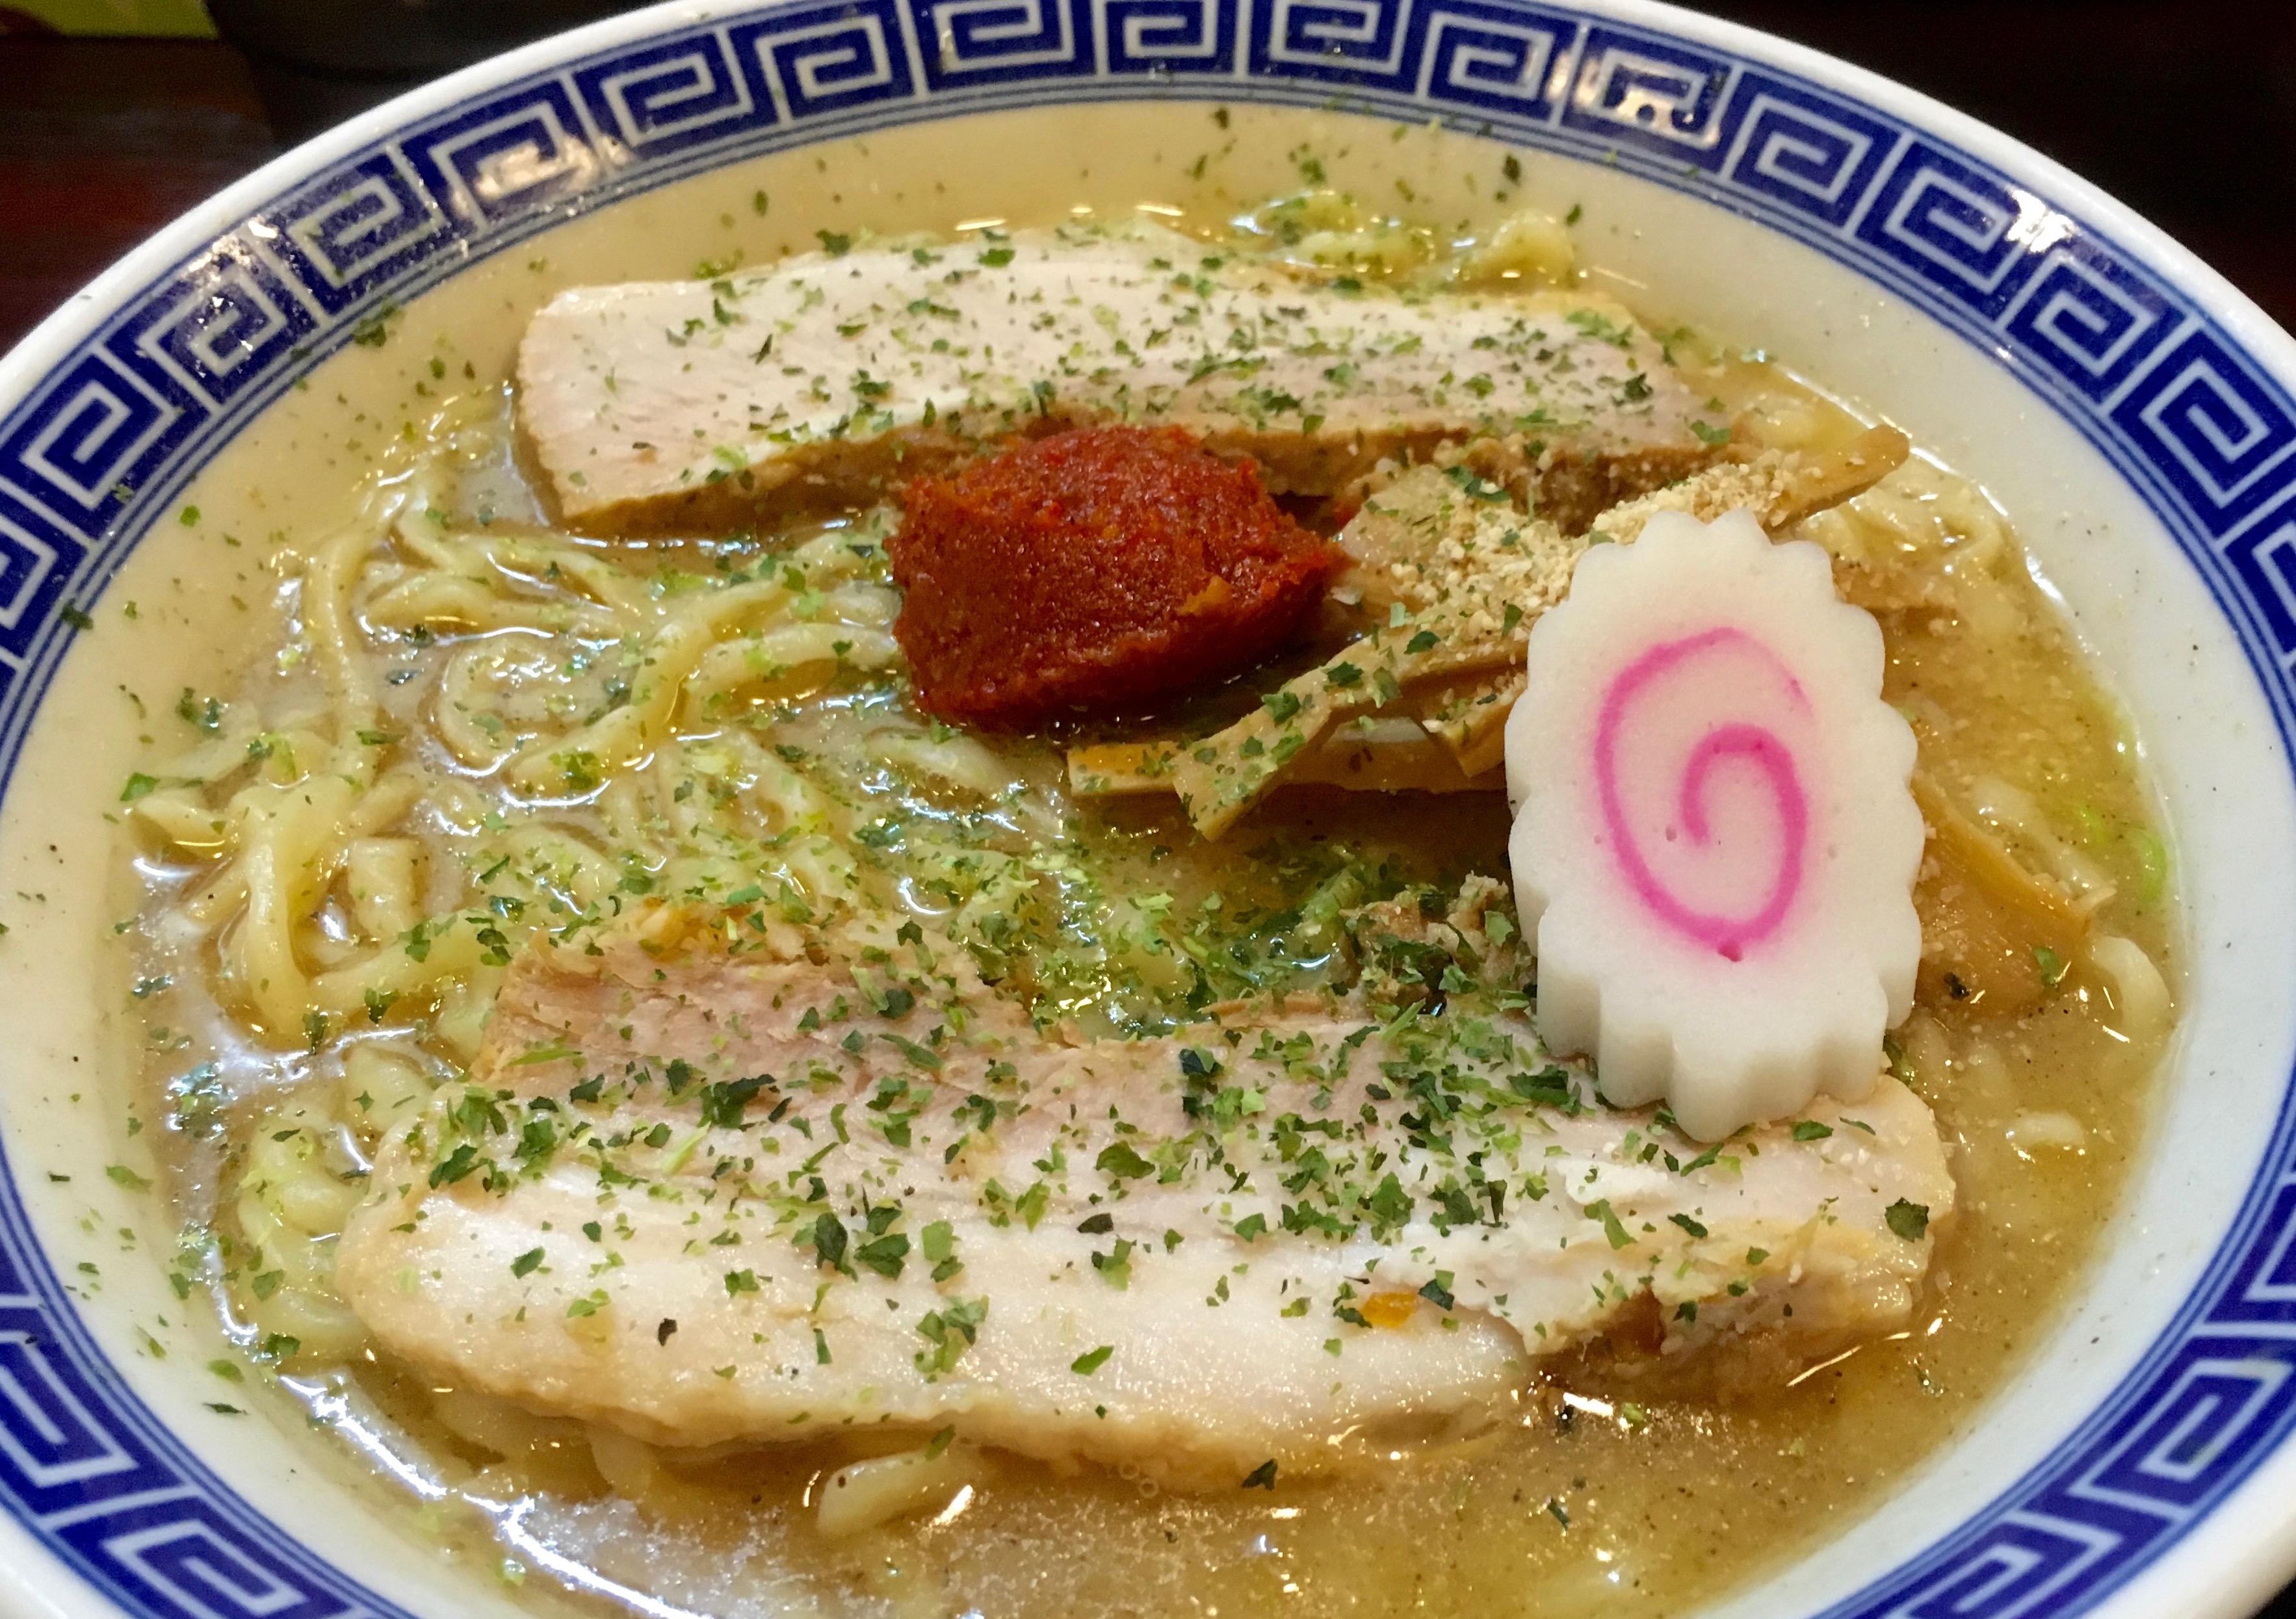 【北区・辻町】スープがなくなり次第終了!で、ほぼ毎日スープが無くなるからみそラーメン